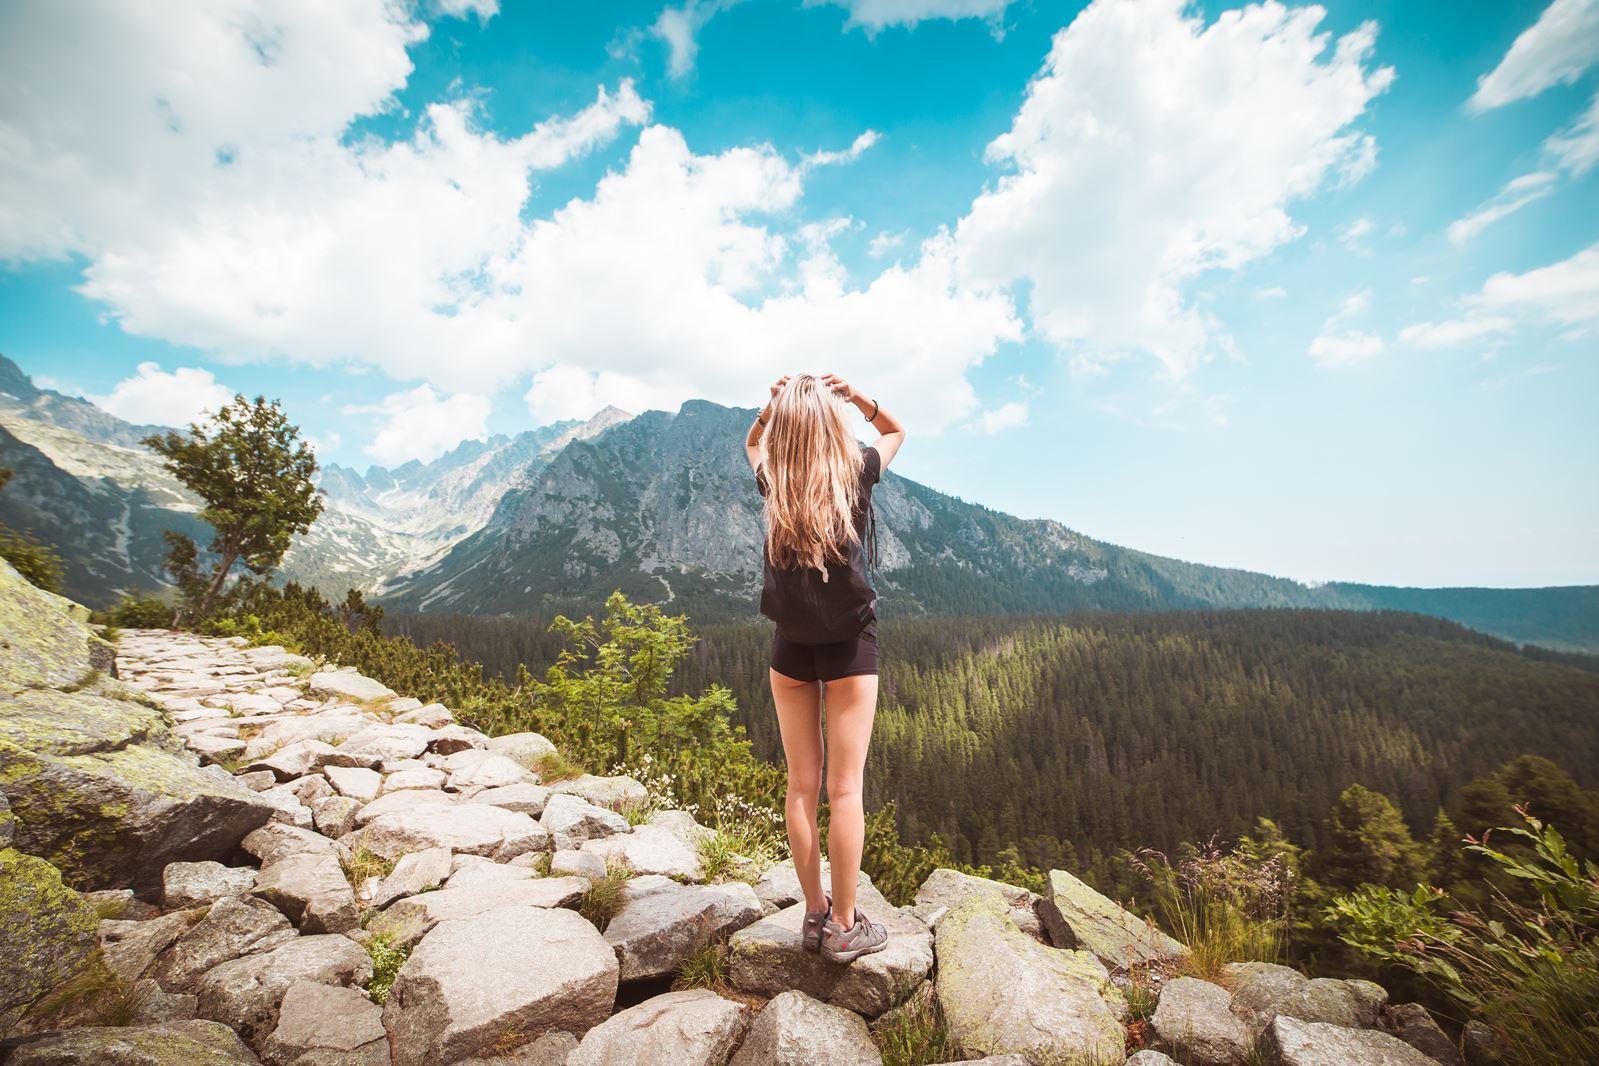 Gdzie szukać tanich noclegów w górach?